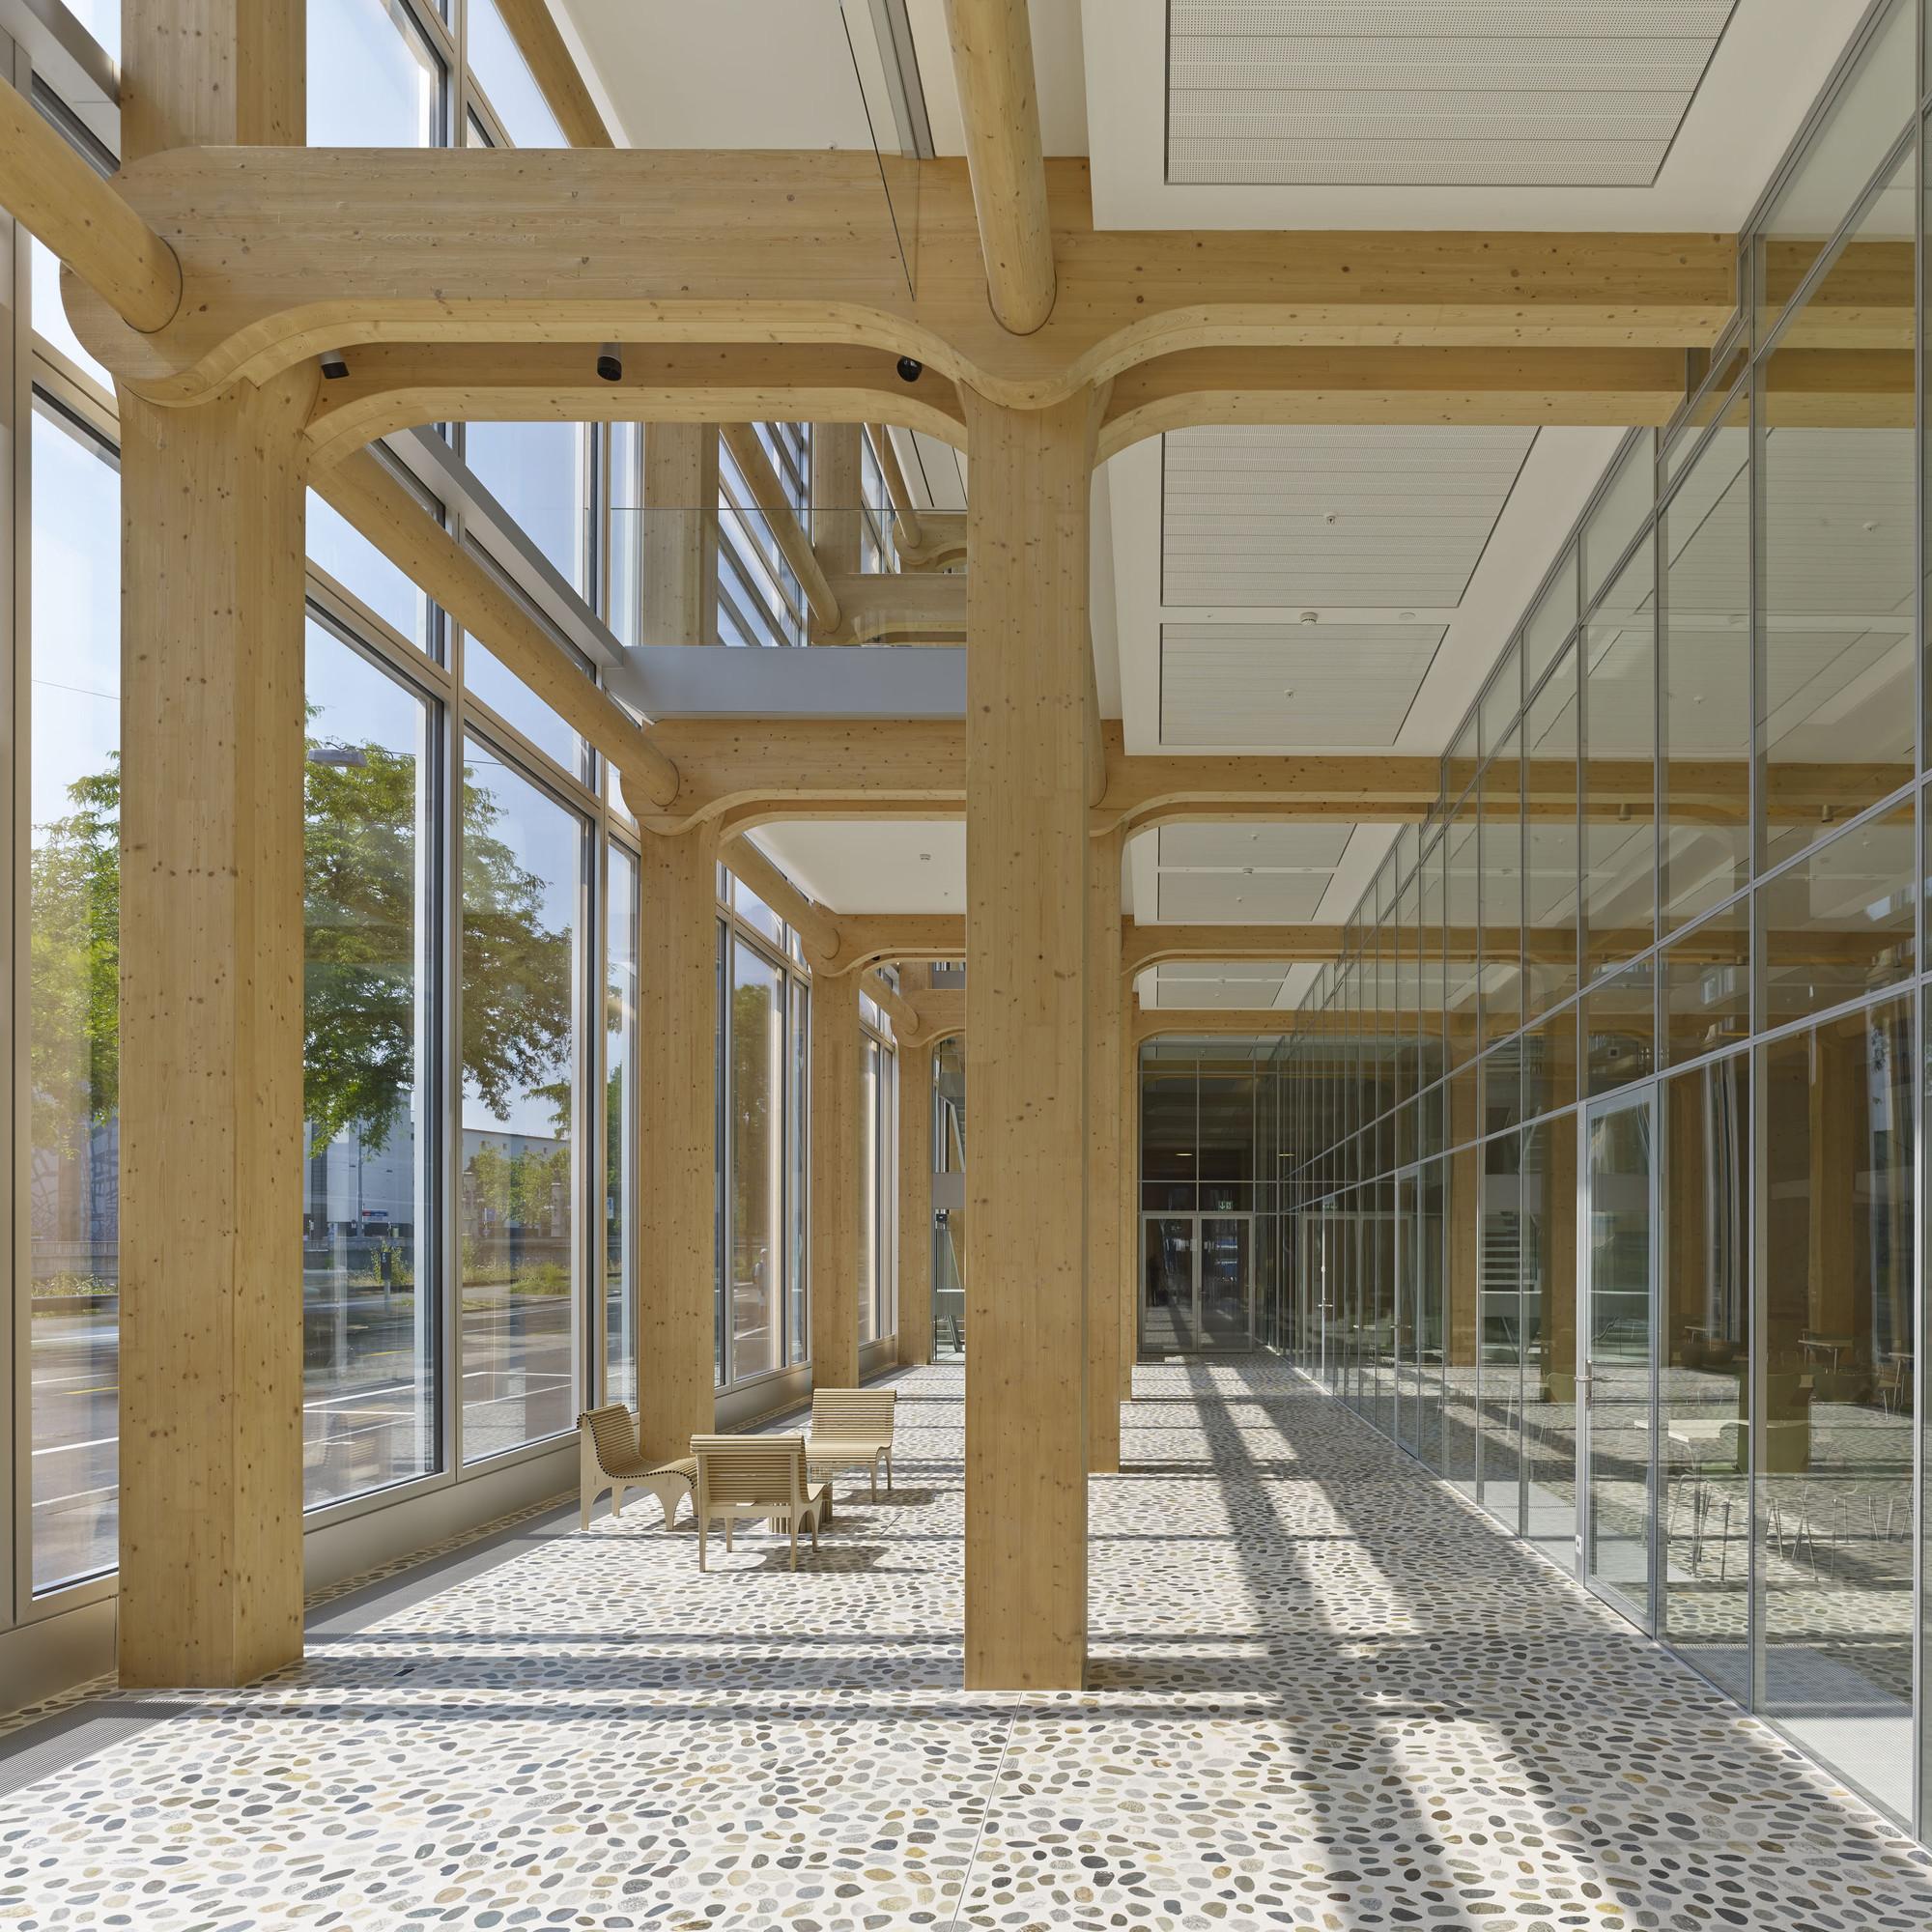 【想像図あり】 住友林業、平成53年までに高さ350mの総木造高層ビルを建てる構想を発表 ->画像>22枚